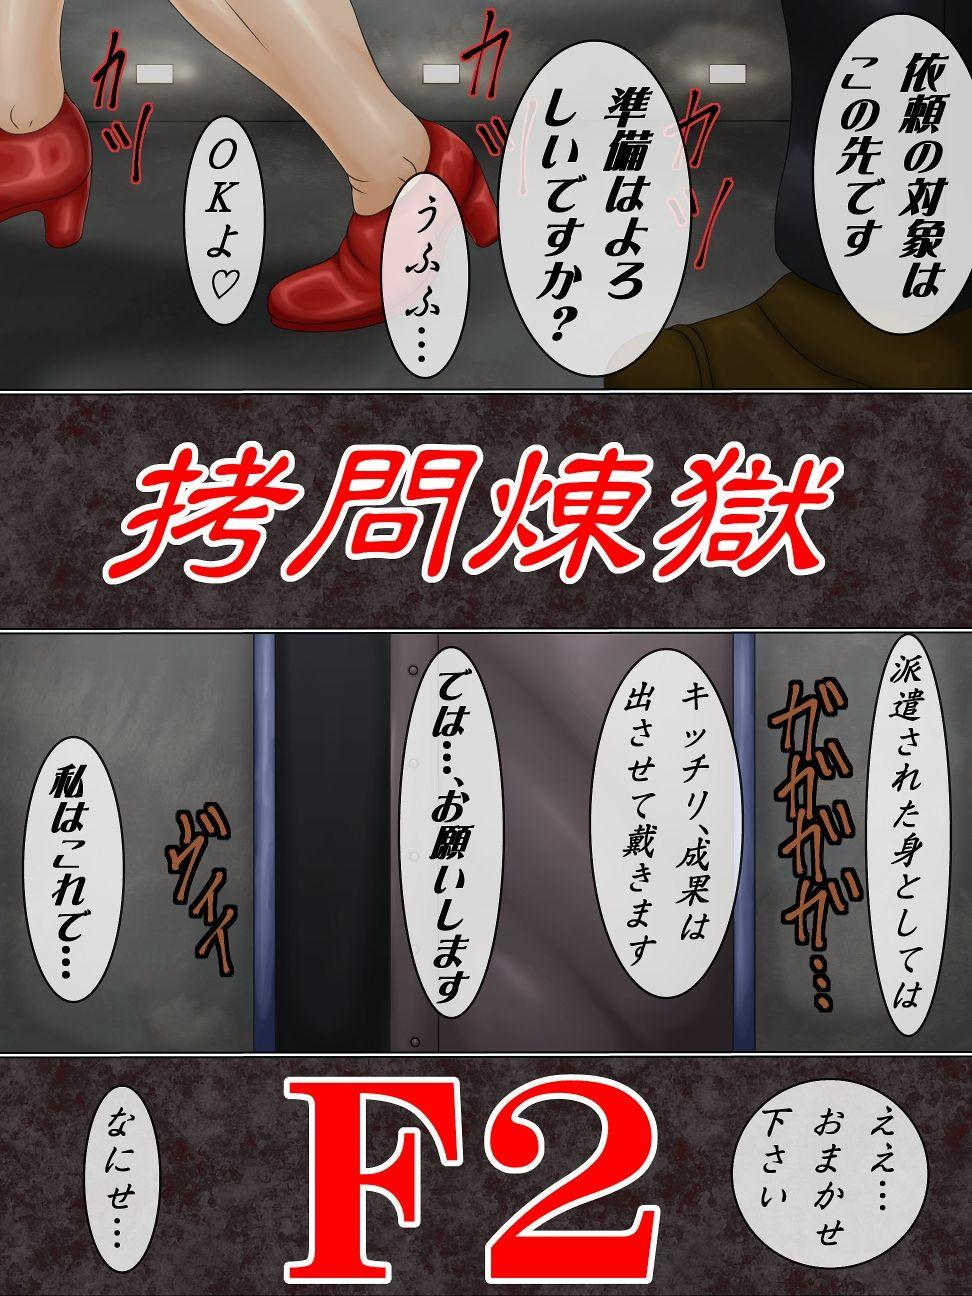 Goumon Rengoku F2 Zenpen Choukyou no Hajimari 1